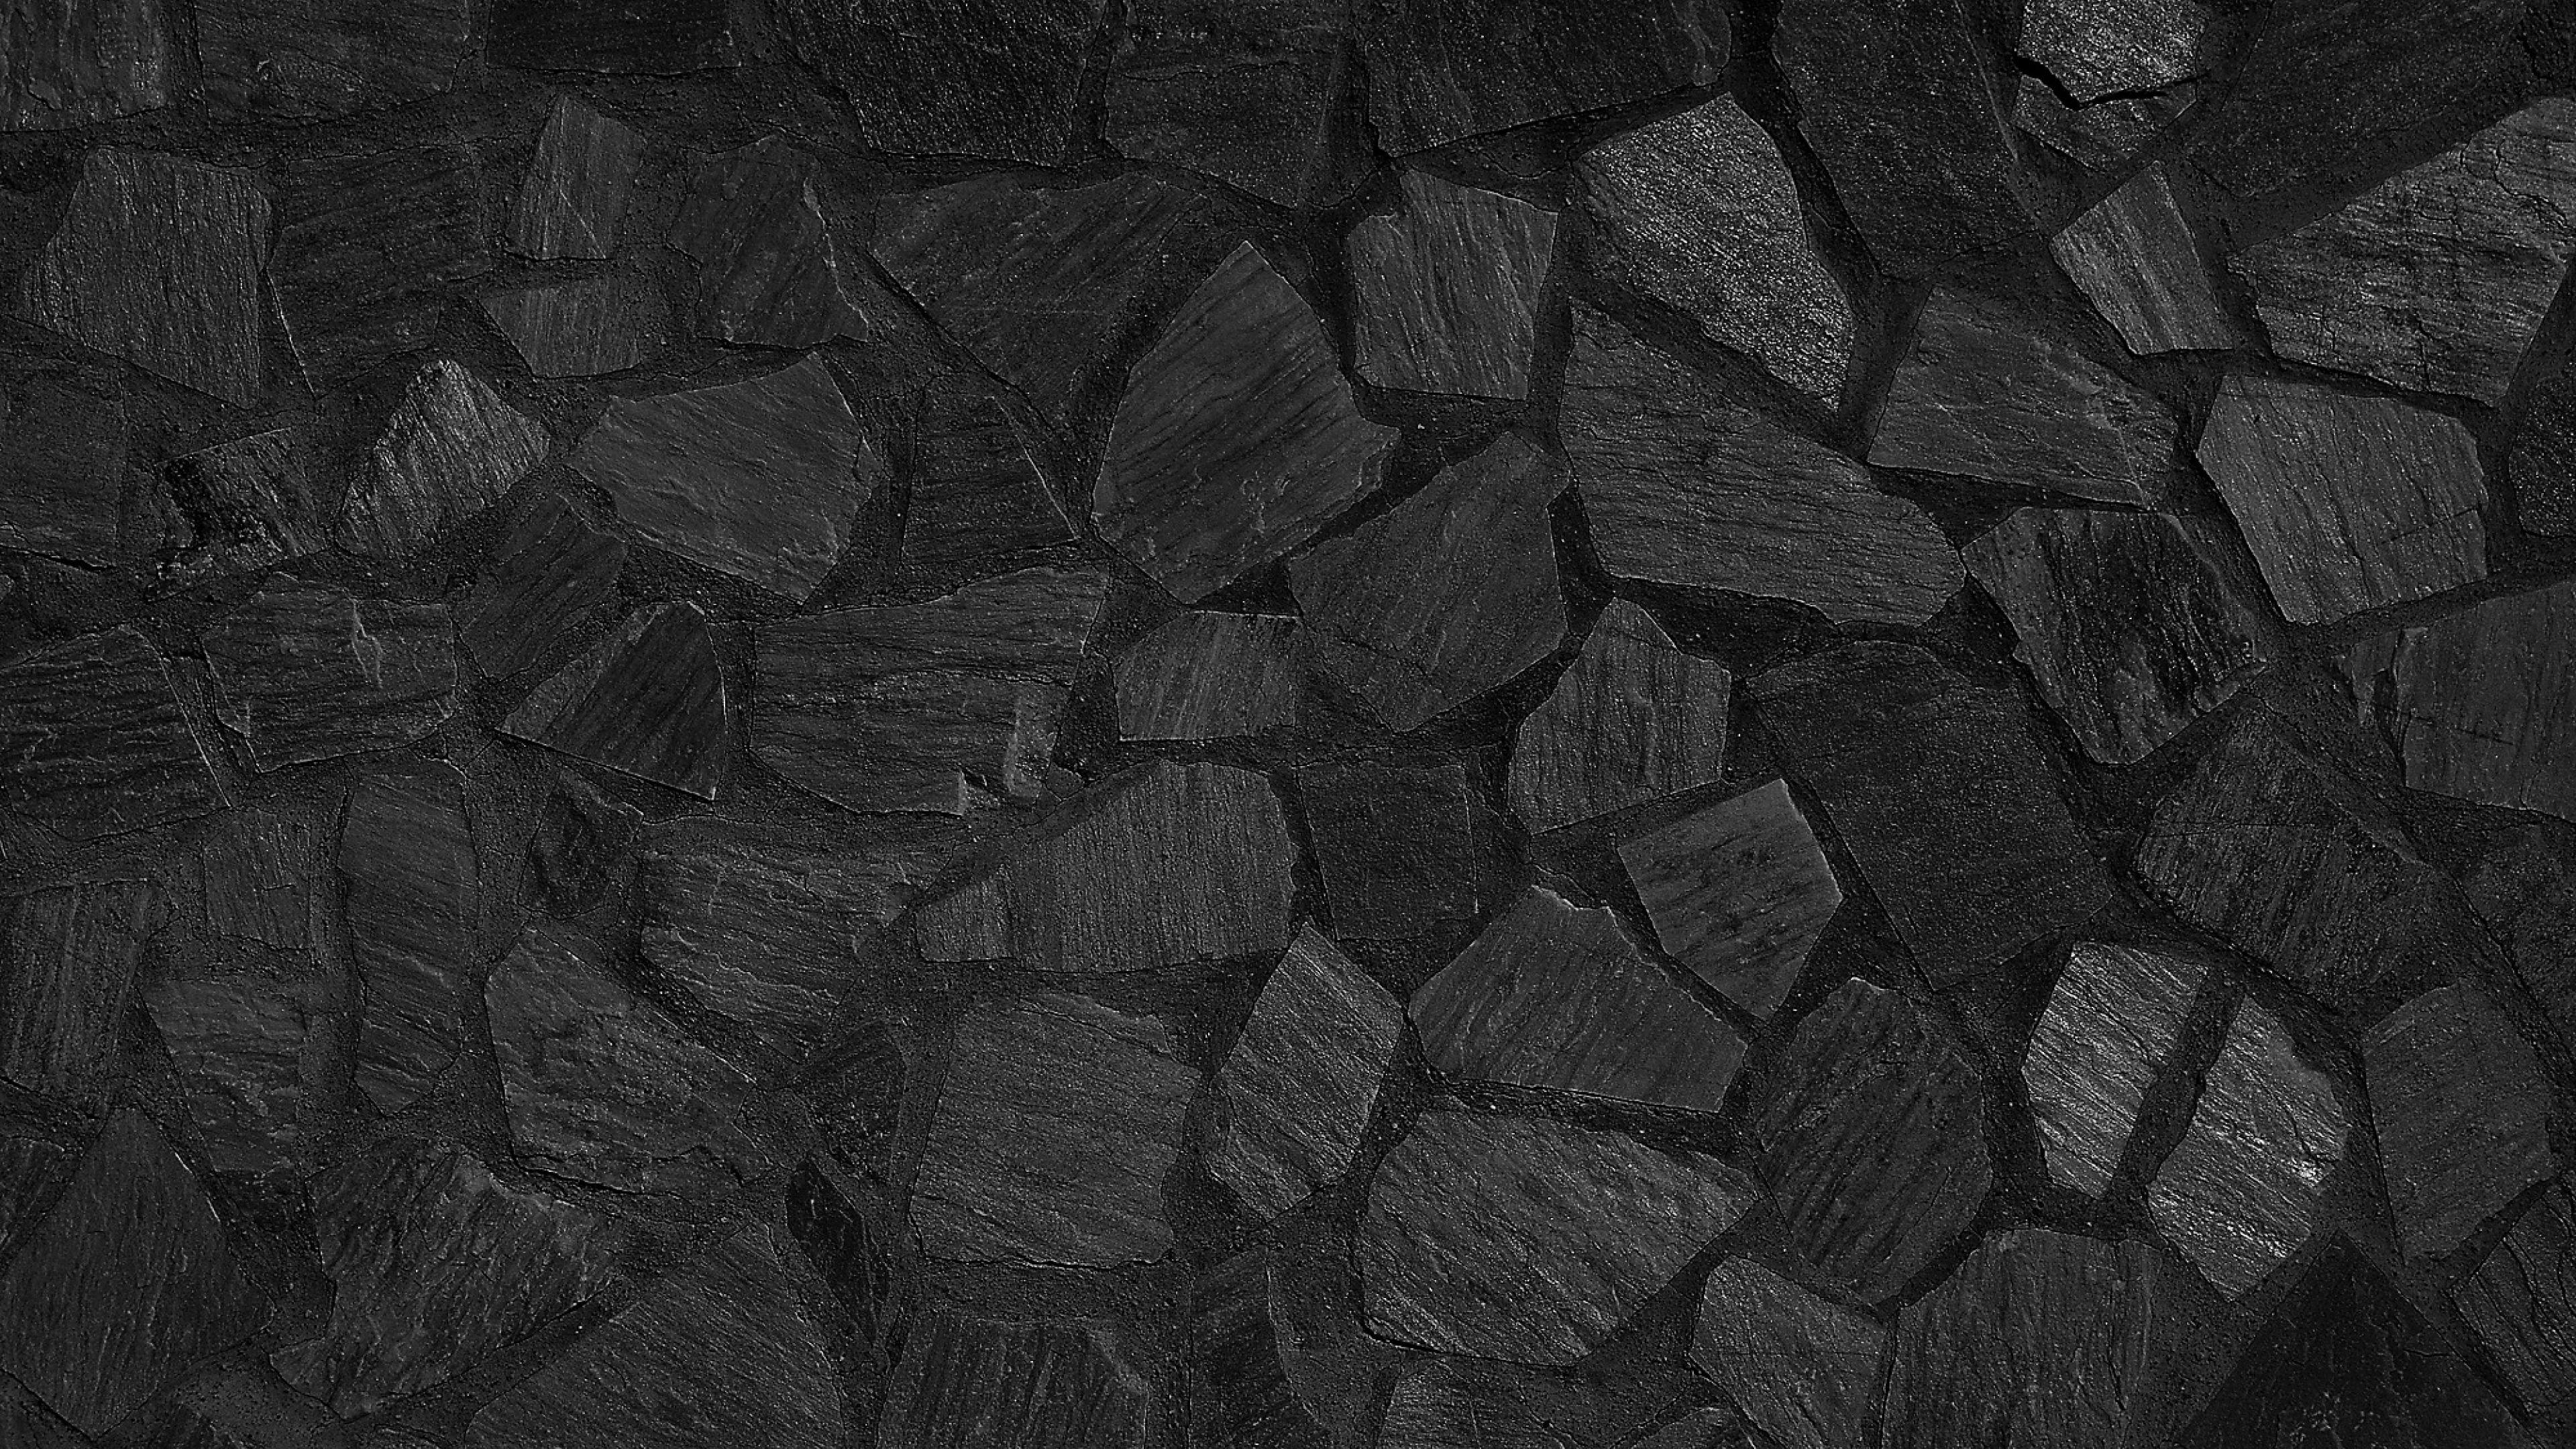 4k Resolution Black Pattern Wallpaper 4k Allwallpaper In 2020 Wall Wallpaper Black Walls Background Hd Wallpaper